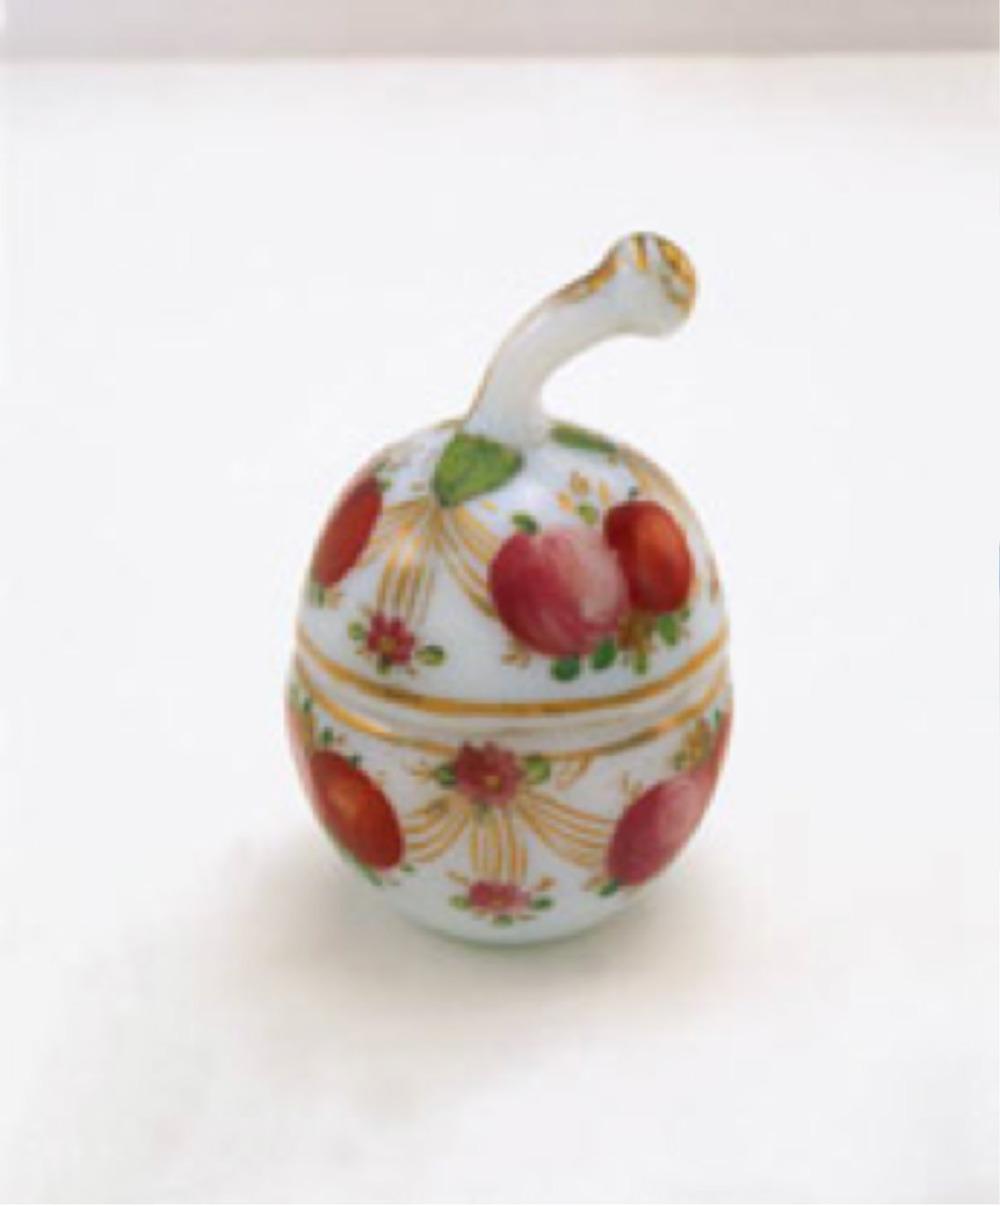 Beyaz opalinden, elma formunda kapaklı ve tutamağı elma sapı şeklinde sakızlık, üzeri kırmızı ve pembe renkli meyvelerle süslenmiş meyveler arası altın yaldız girlandlar ve çiçeklerle bağlanmıştır. Y: 11 cm, Topkapı Sarayı Müzesi Koleksiyonu. Env. No: 34/1289.